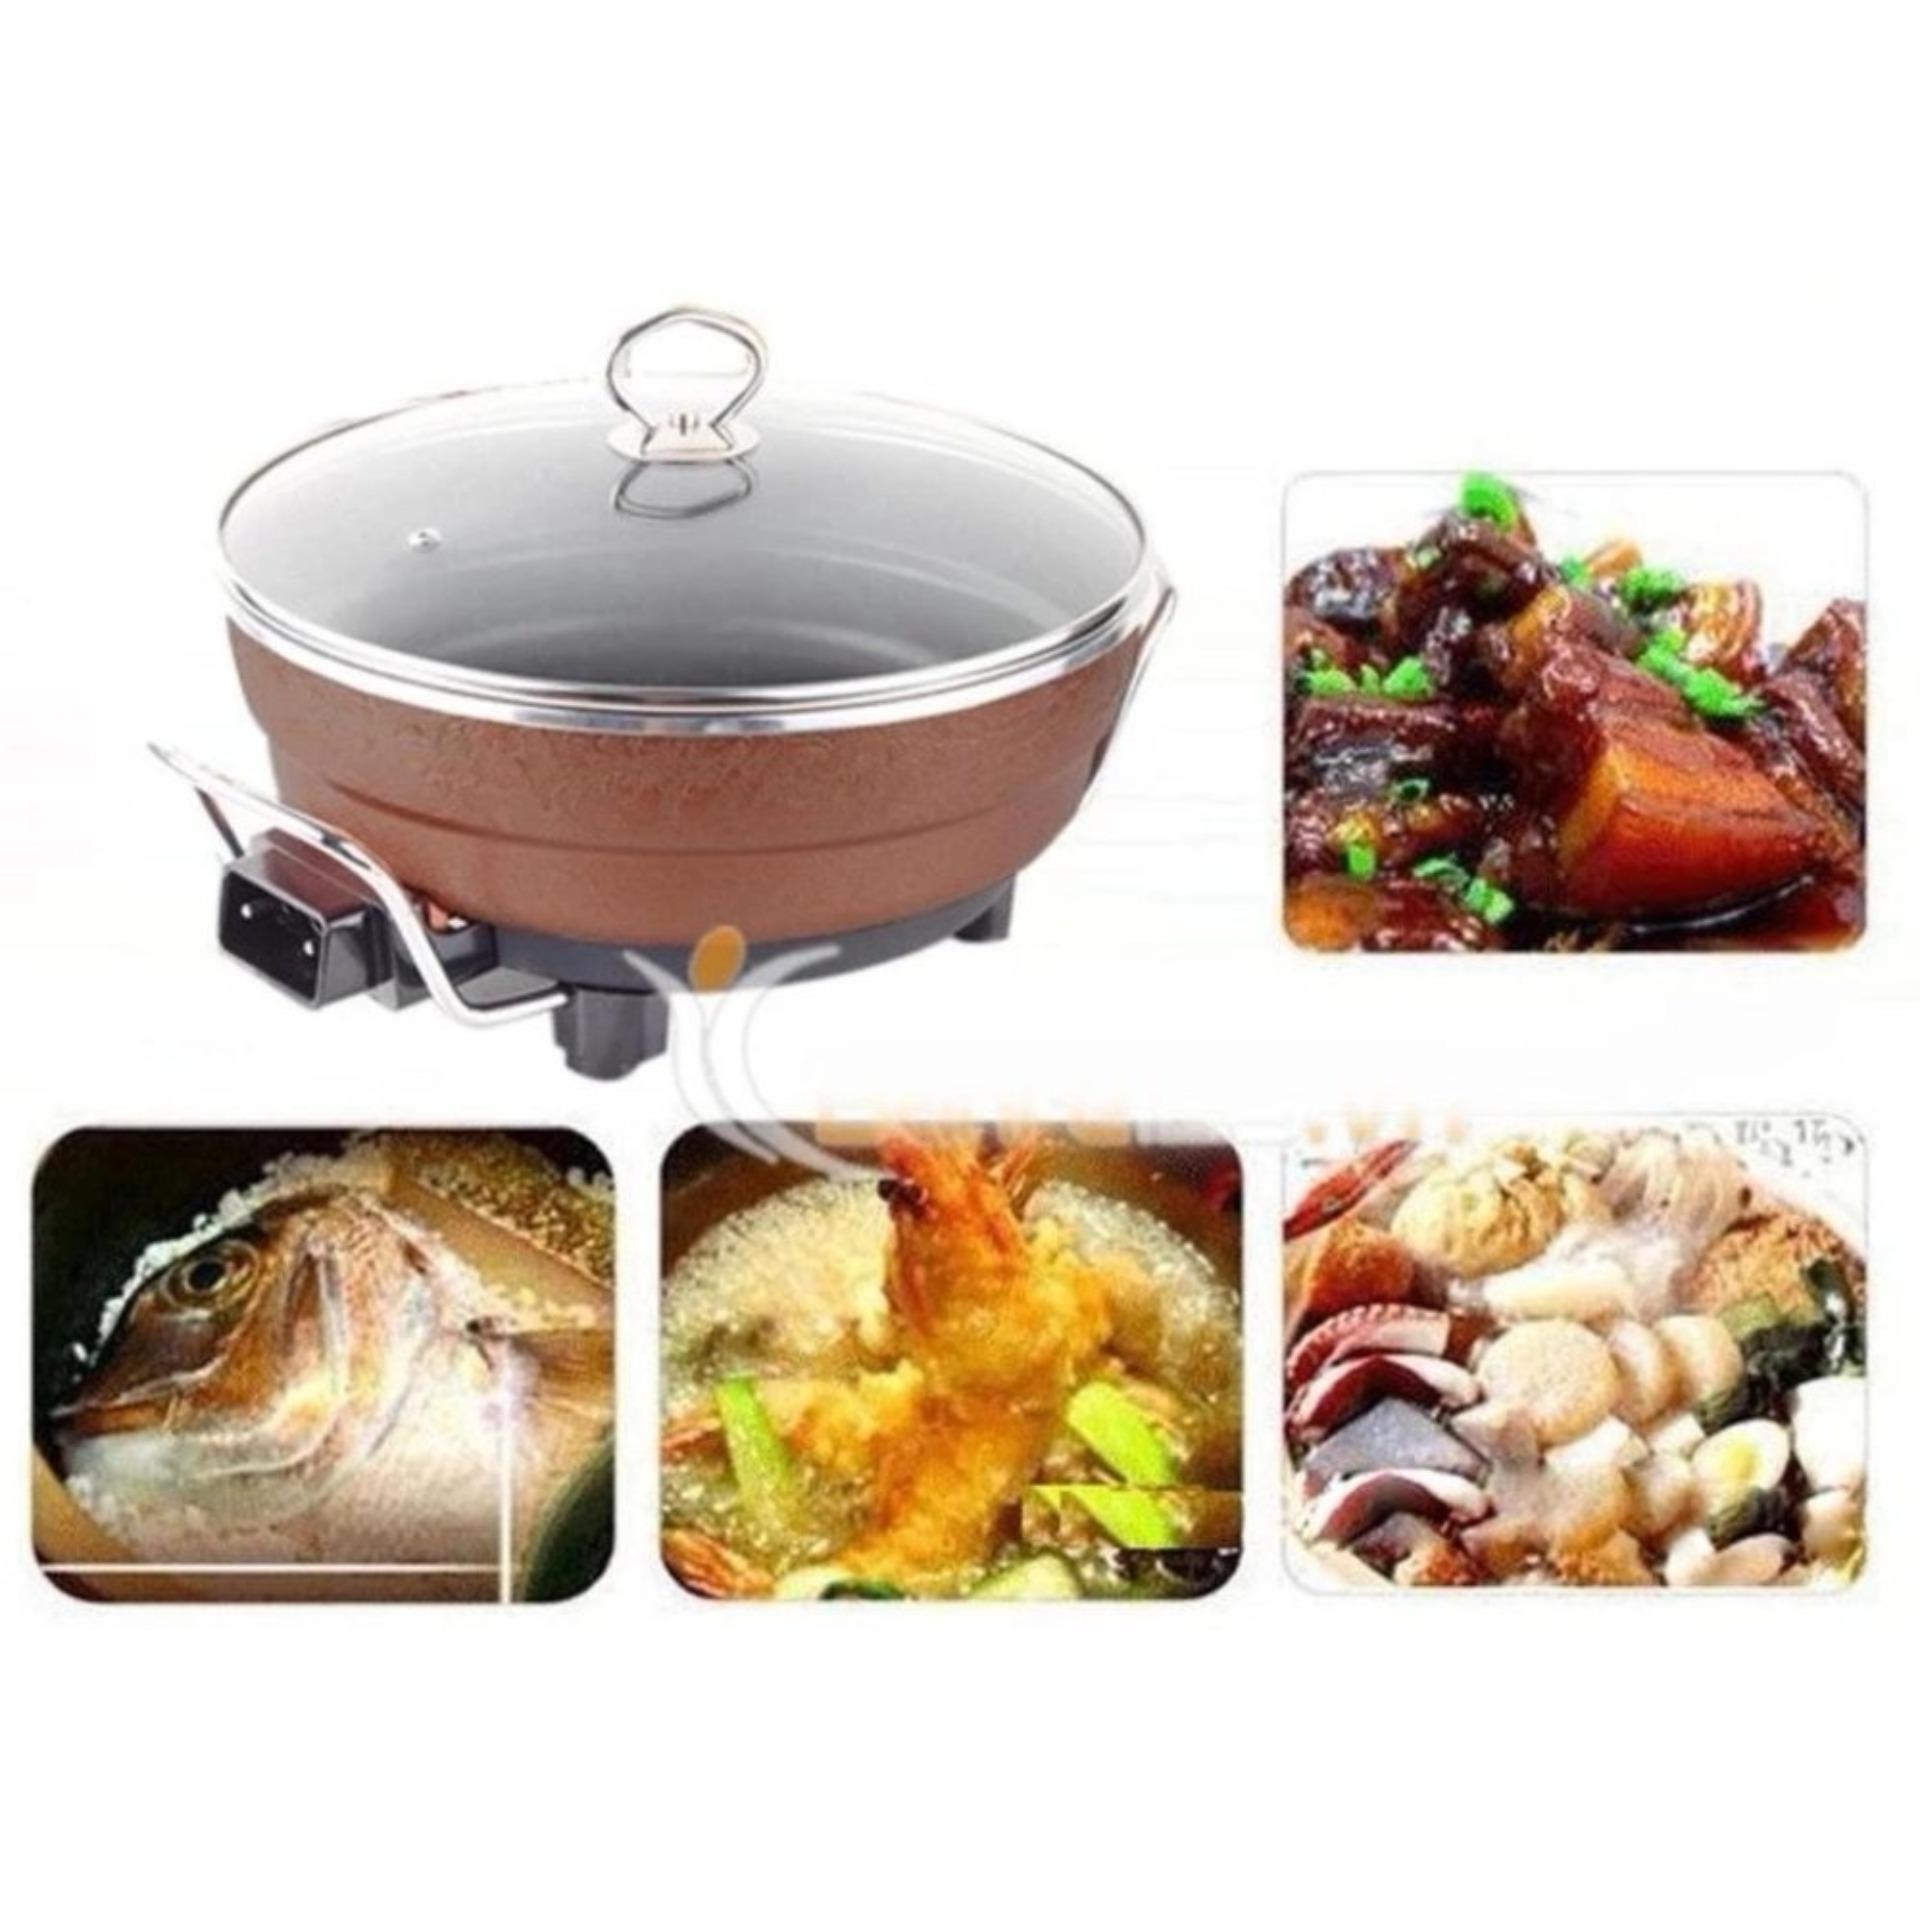 Nồi Hầm Xương Công Nghiệp, Nồi Lẩu Điện Đa Năng , nồi nấu cháo cho bé, chảo điện , nồi nấu lẩu mini.